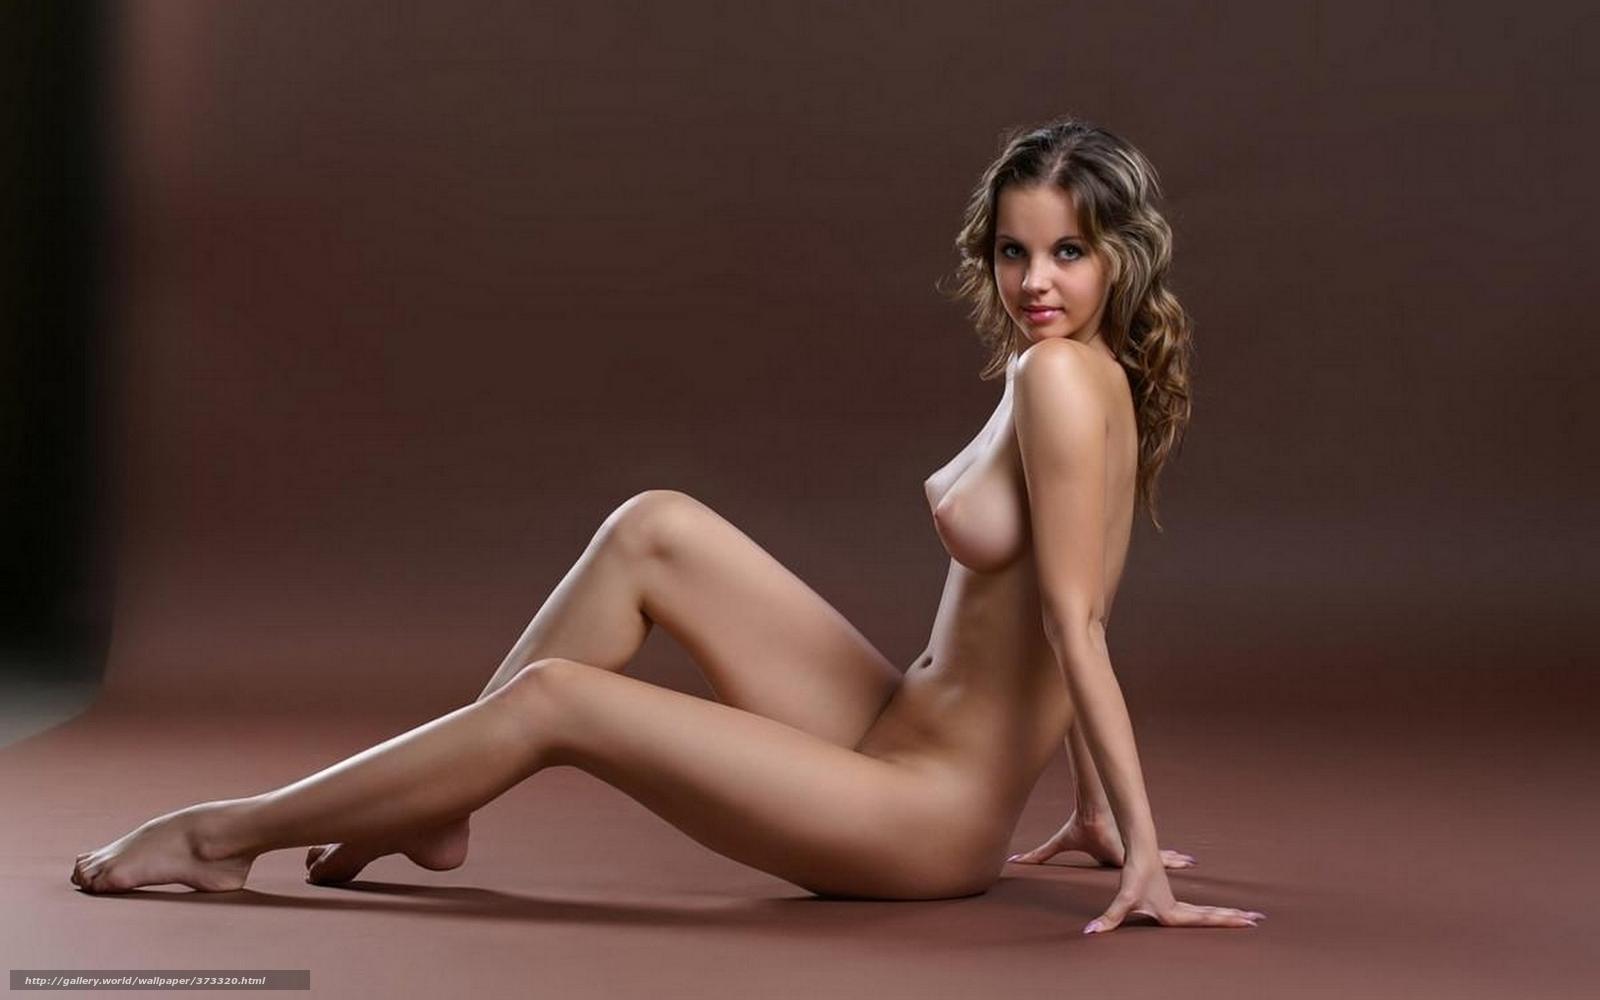 Смотреть бесплатно эротические фото девушек из росто 7 фотография